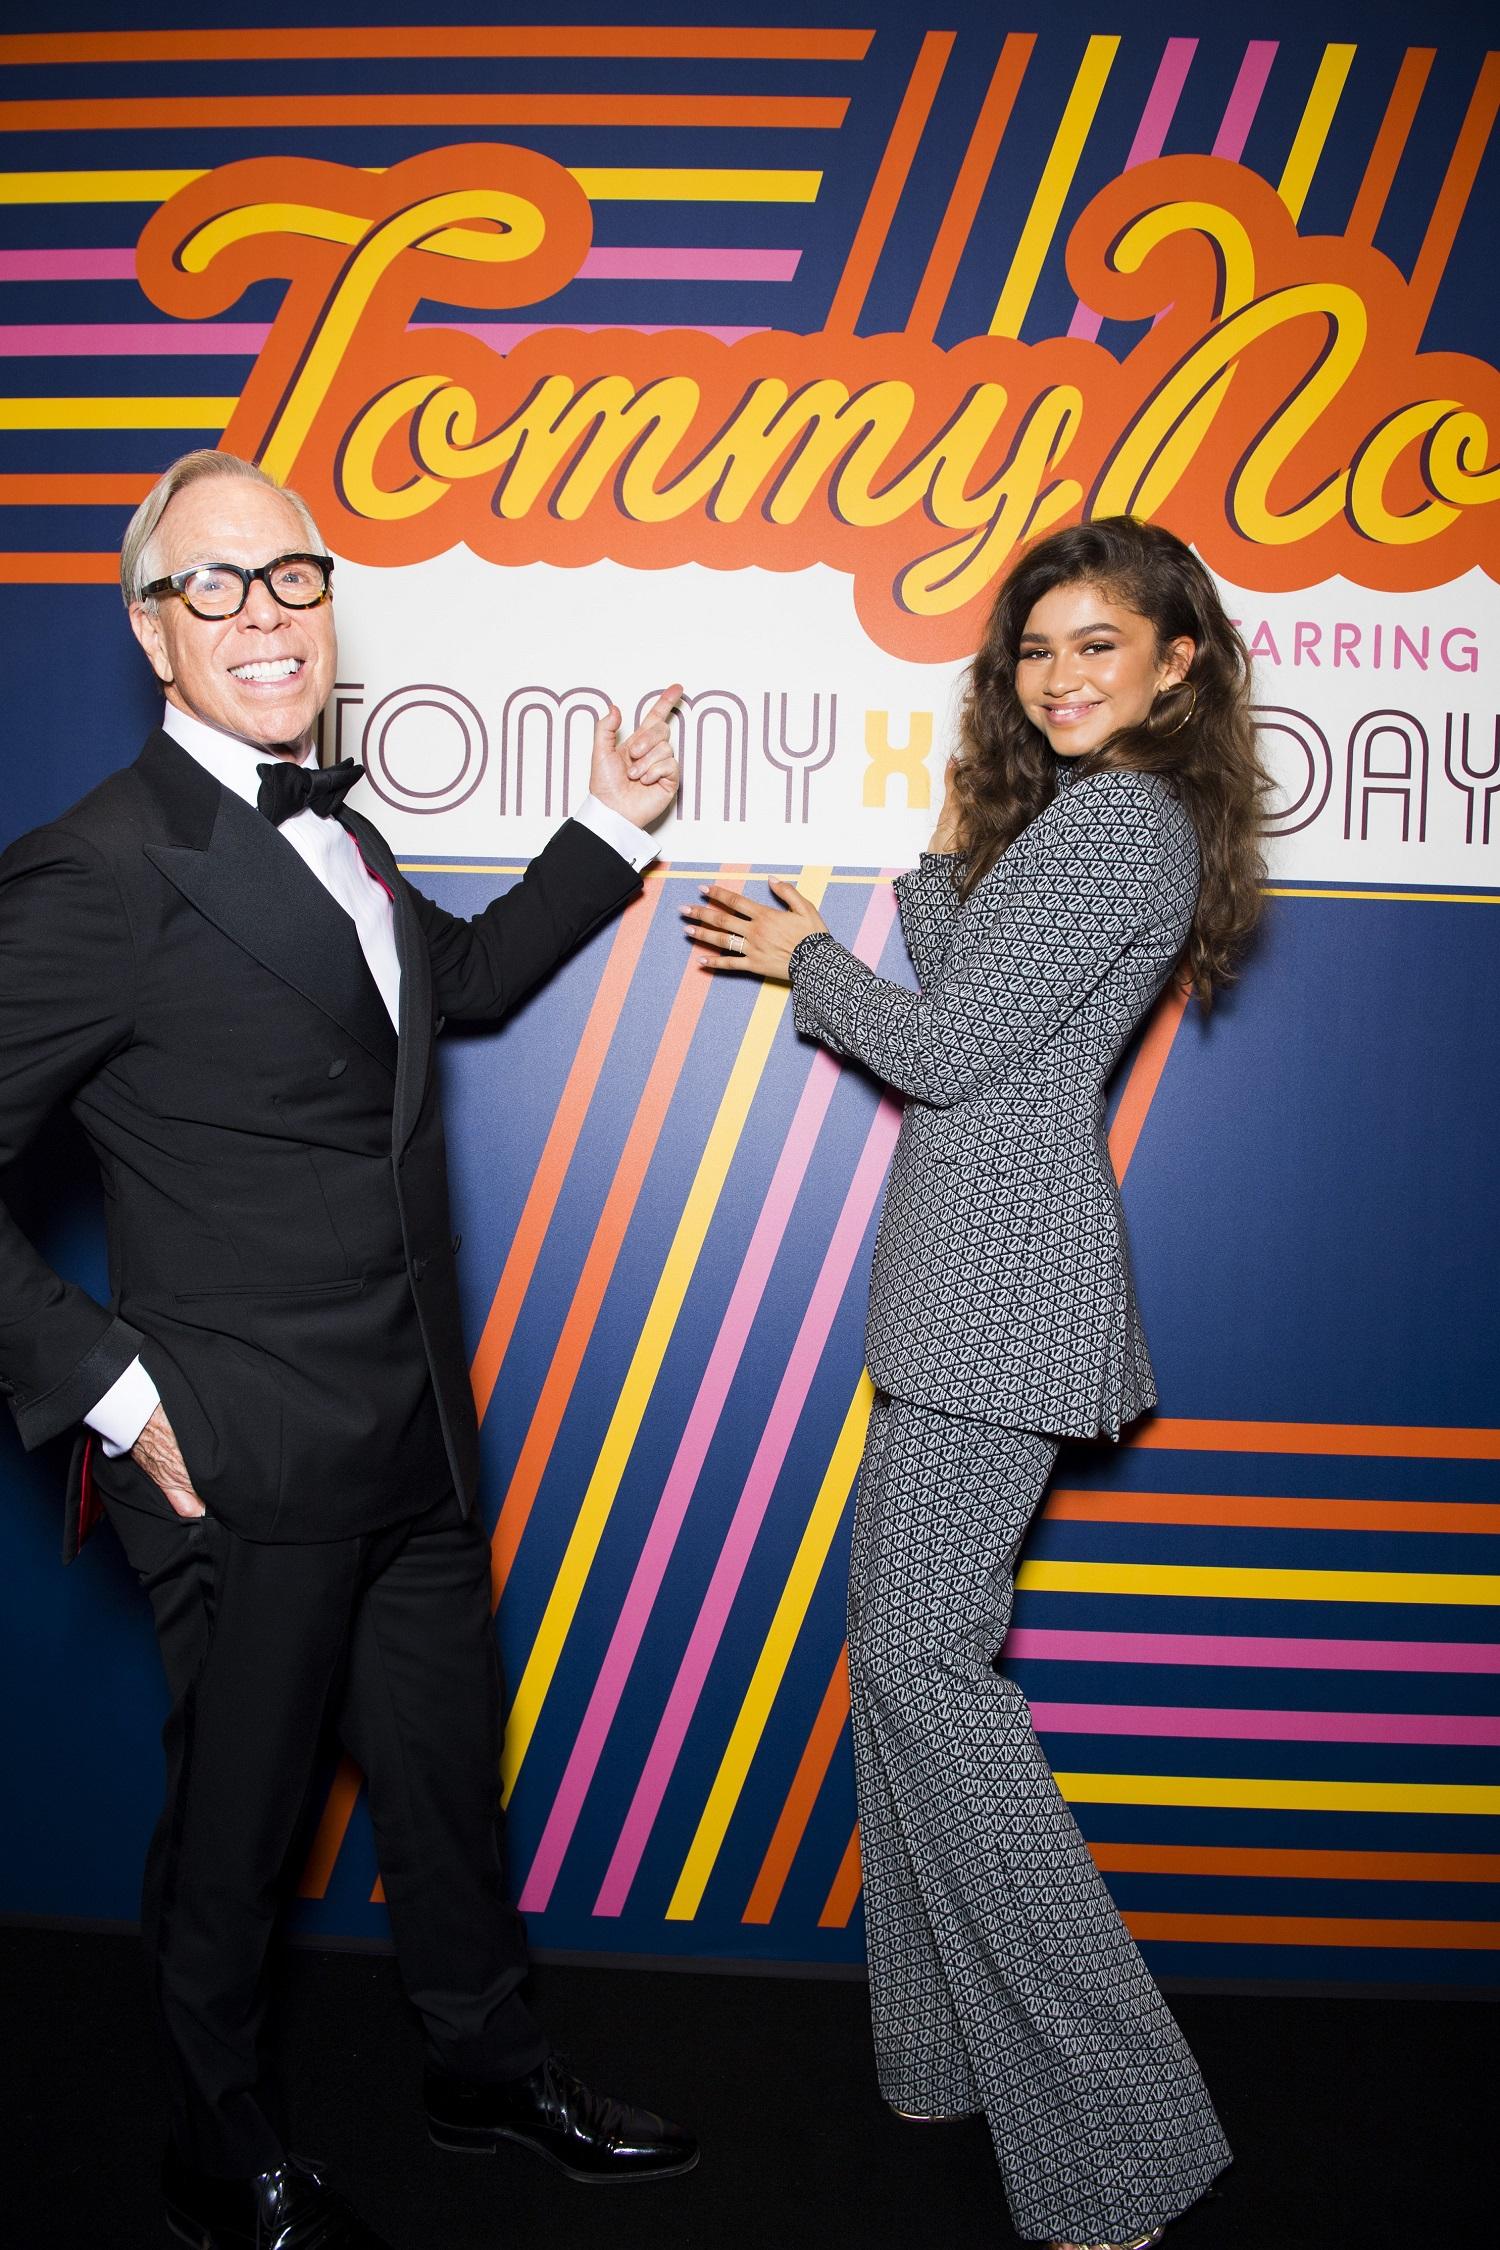 O Tommy Hilfiger έφερε το «Τοmmynow: See Now, Bye Now» runway event στο Παρίσι για την άνοιξη 2019